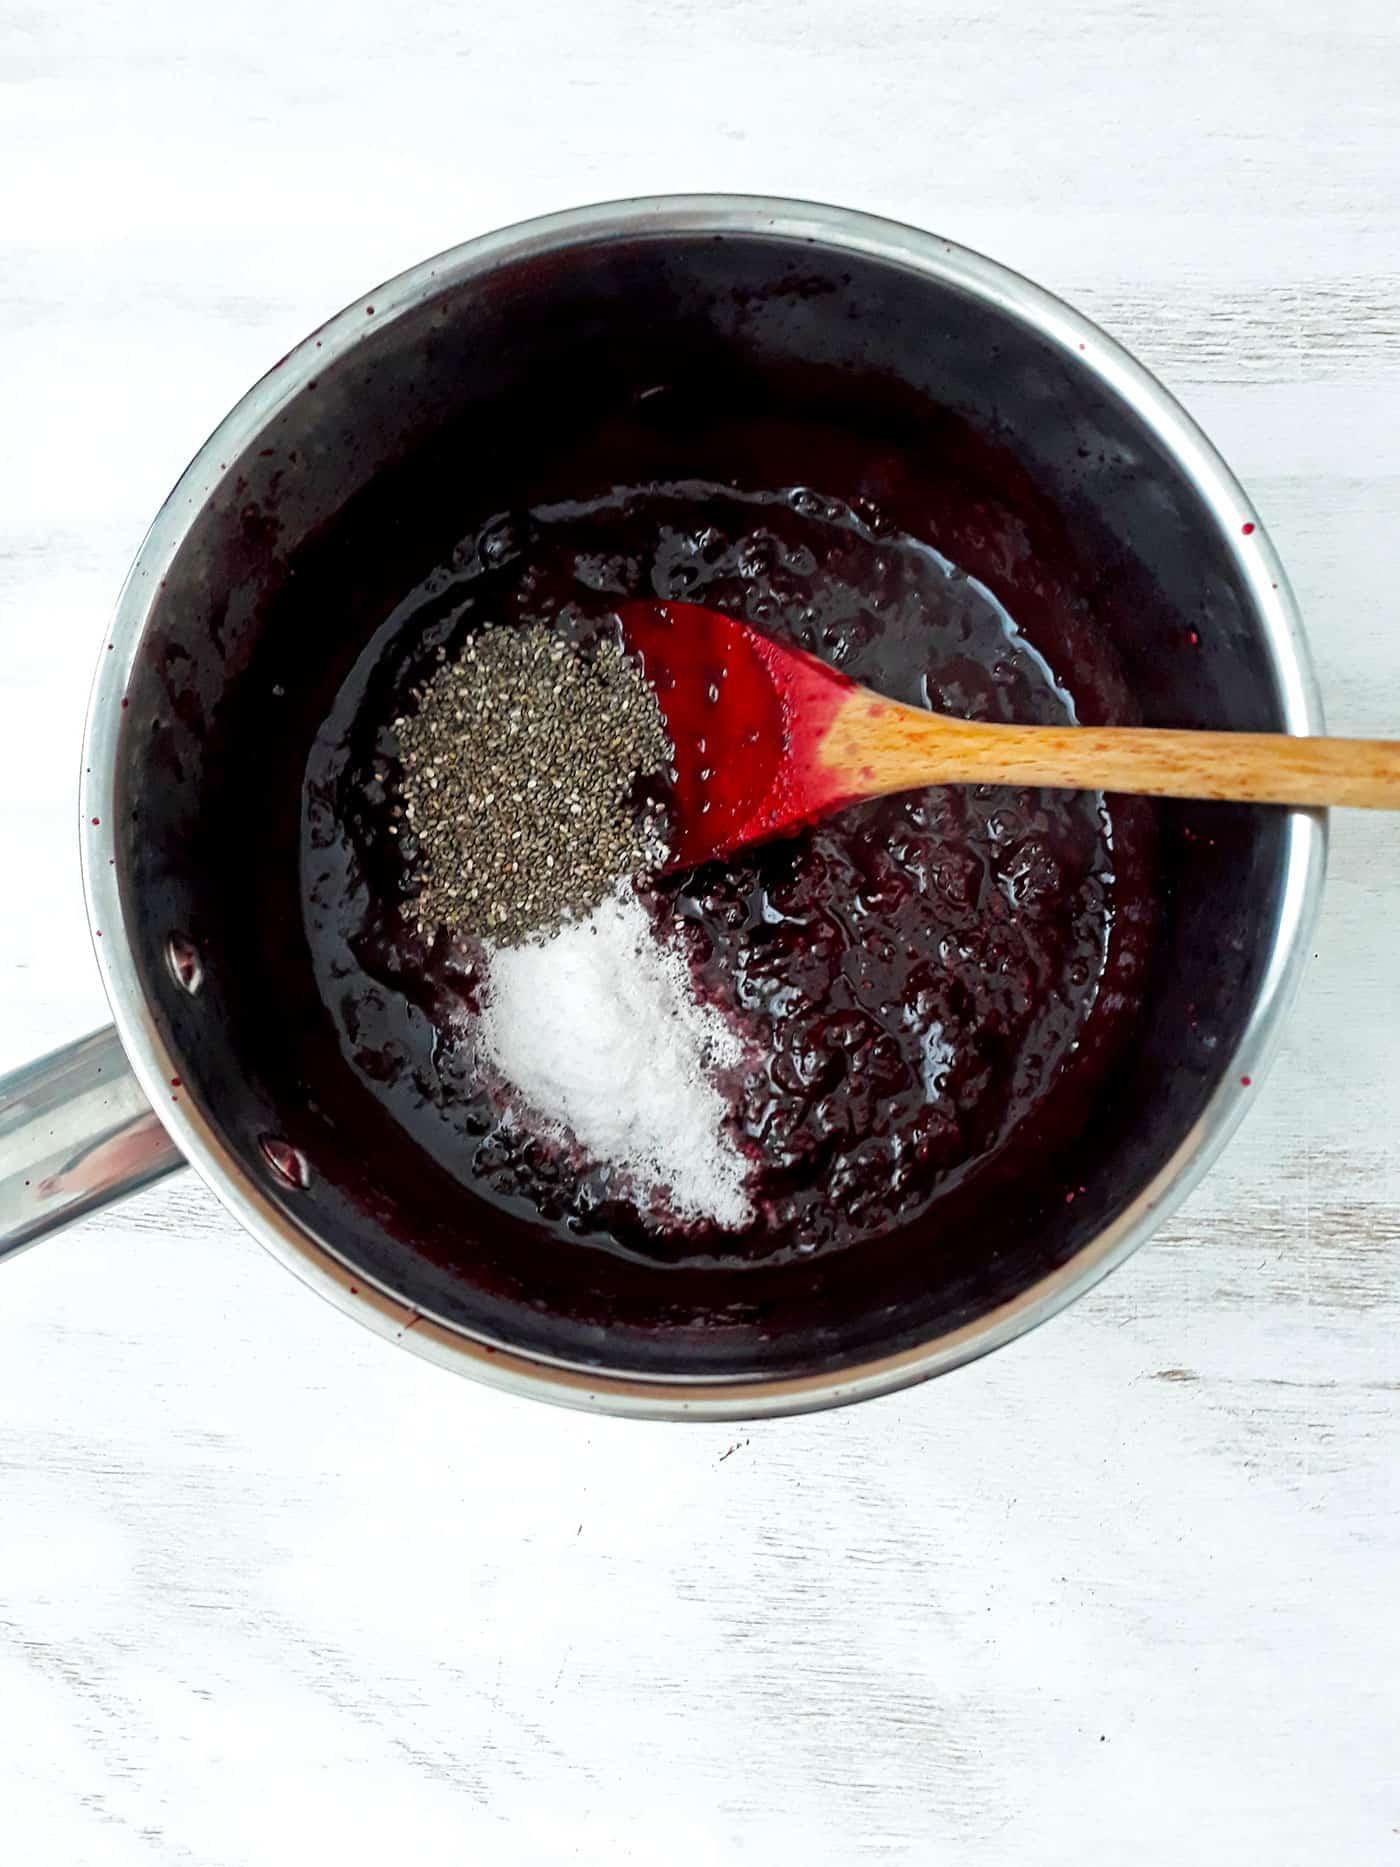 mermelada de frutos rojos en una olla con semillas de chía stevia y una cuchara de palo